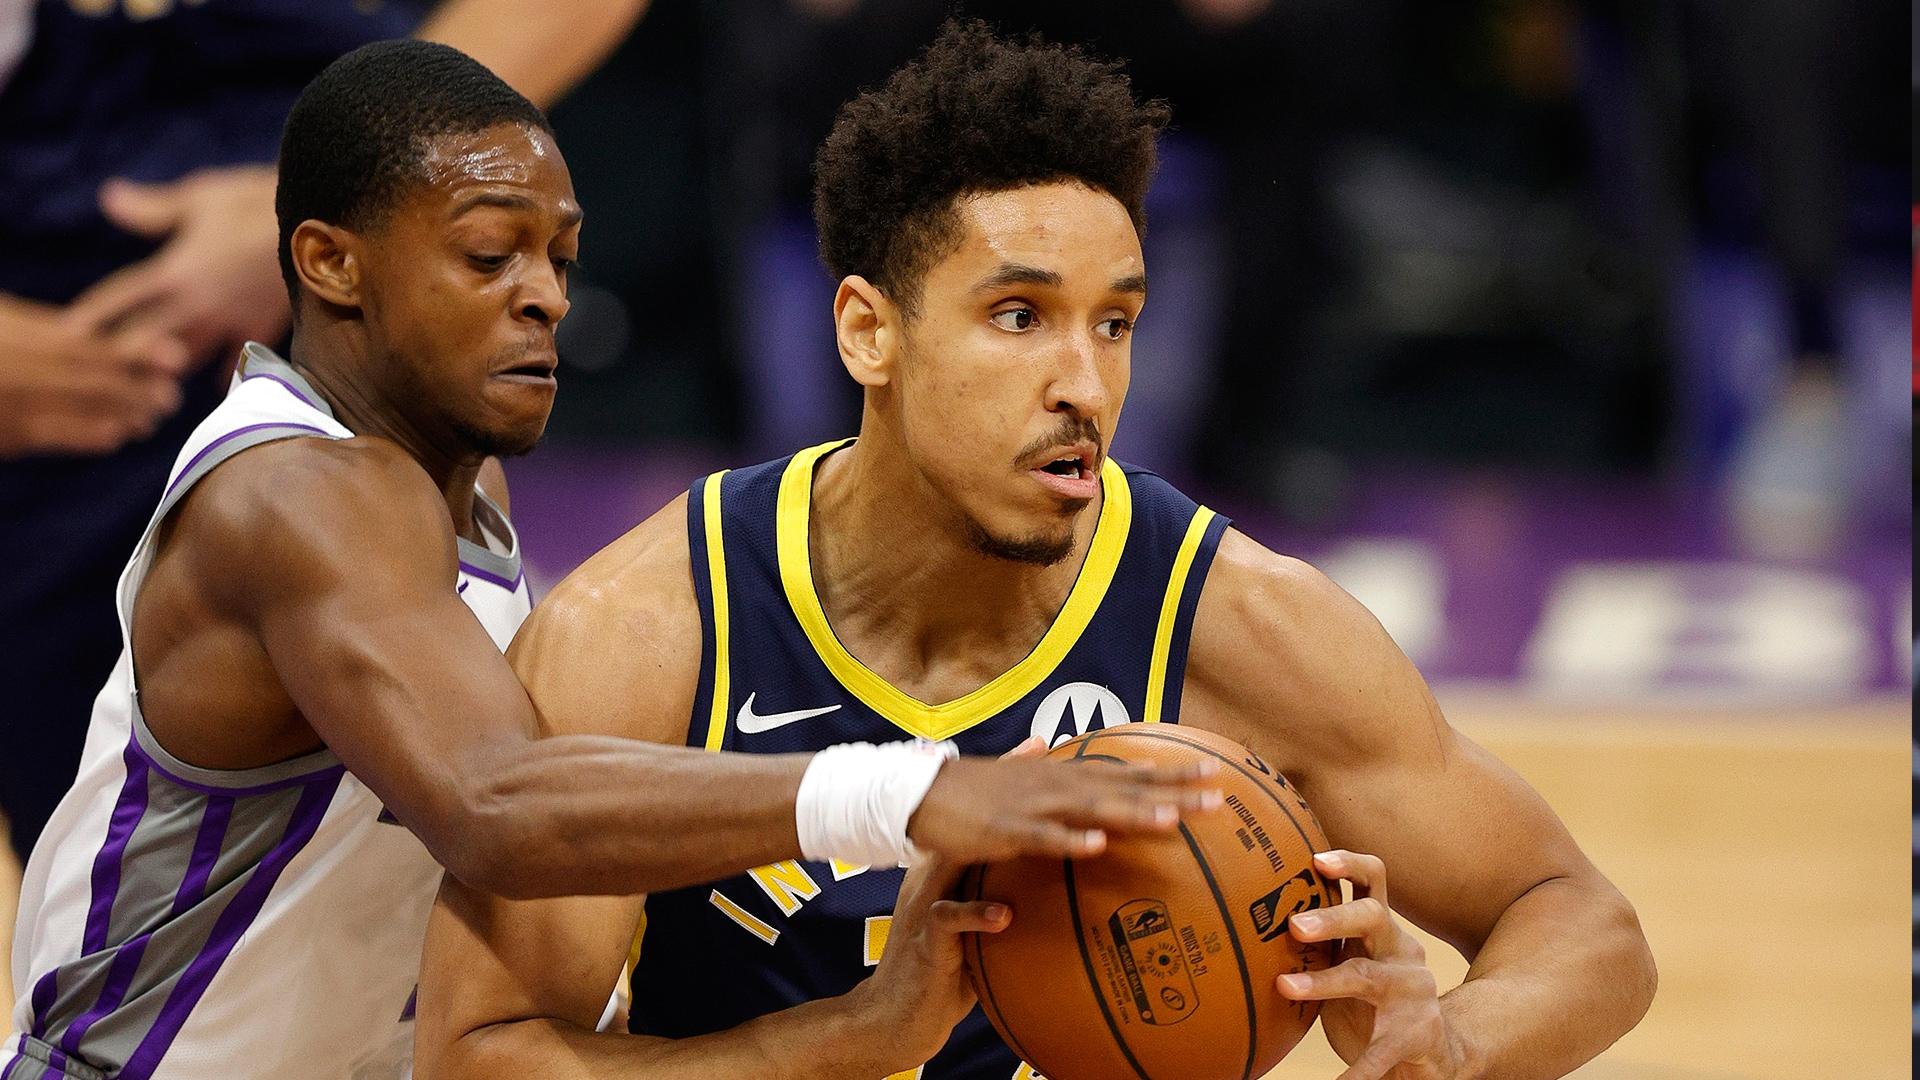 Game Recap: Kings 127, Pacers 122